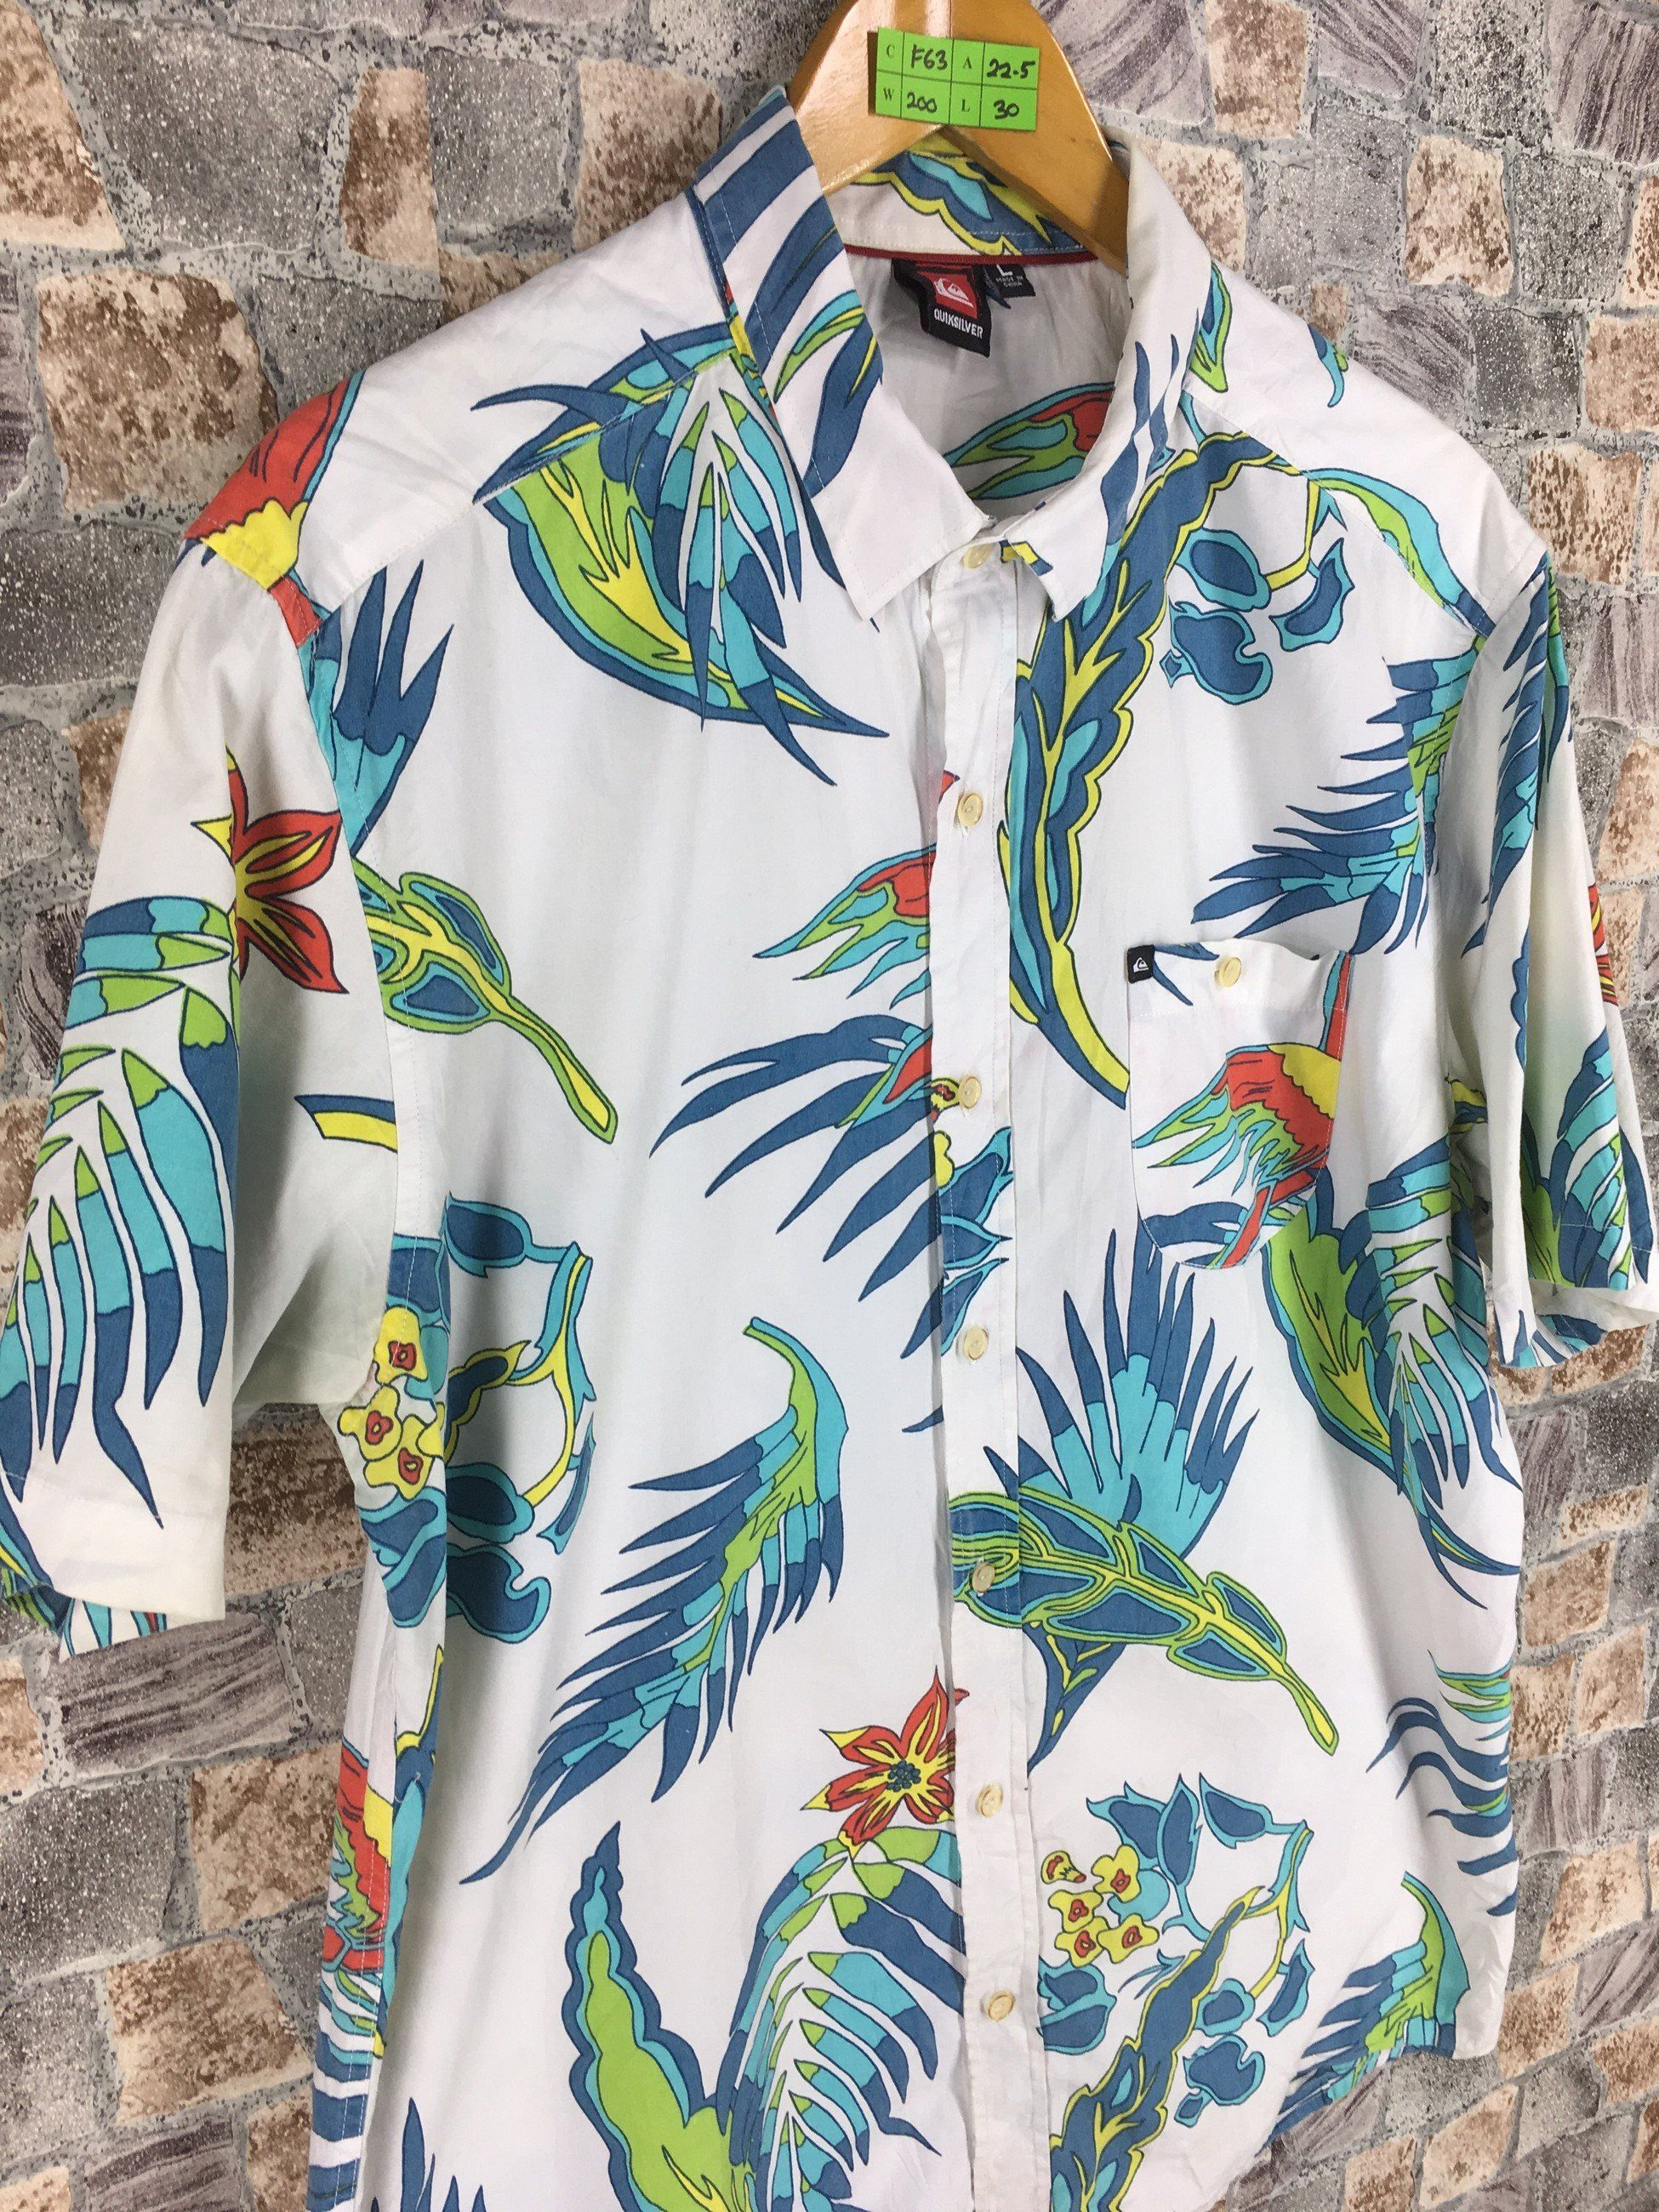 90b65fe57 #clothing #men #shirt #surfinghawaiian #quiksilverhawaii #quiksilvershirt  #vintagequiksilver #floralhawaiian #rayonhawaiian